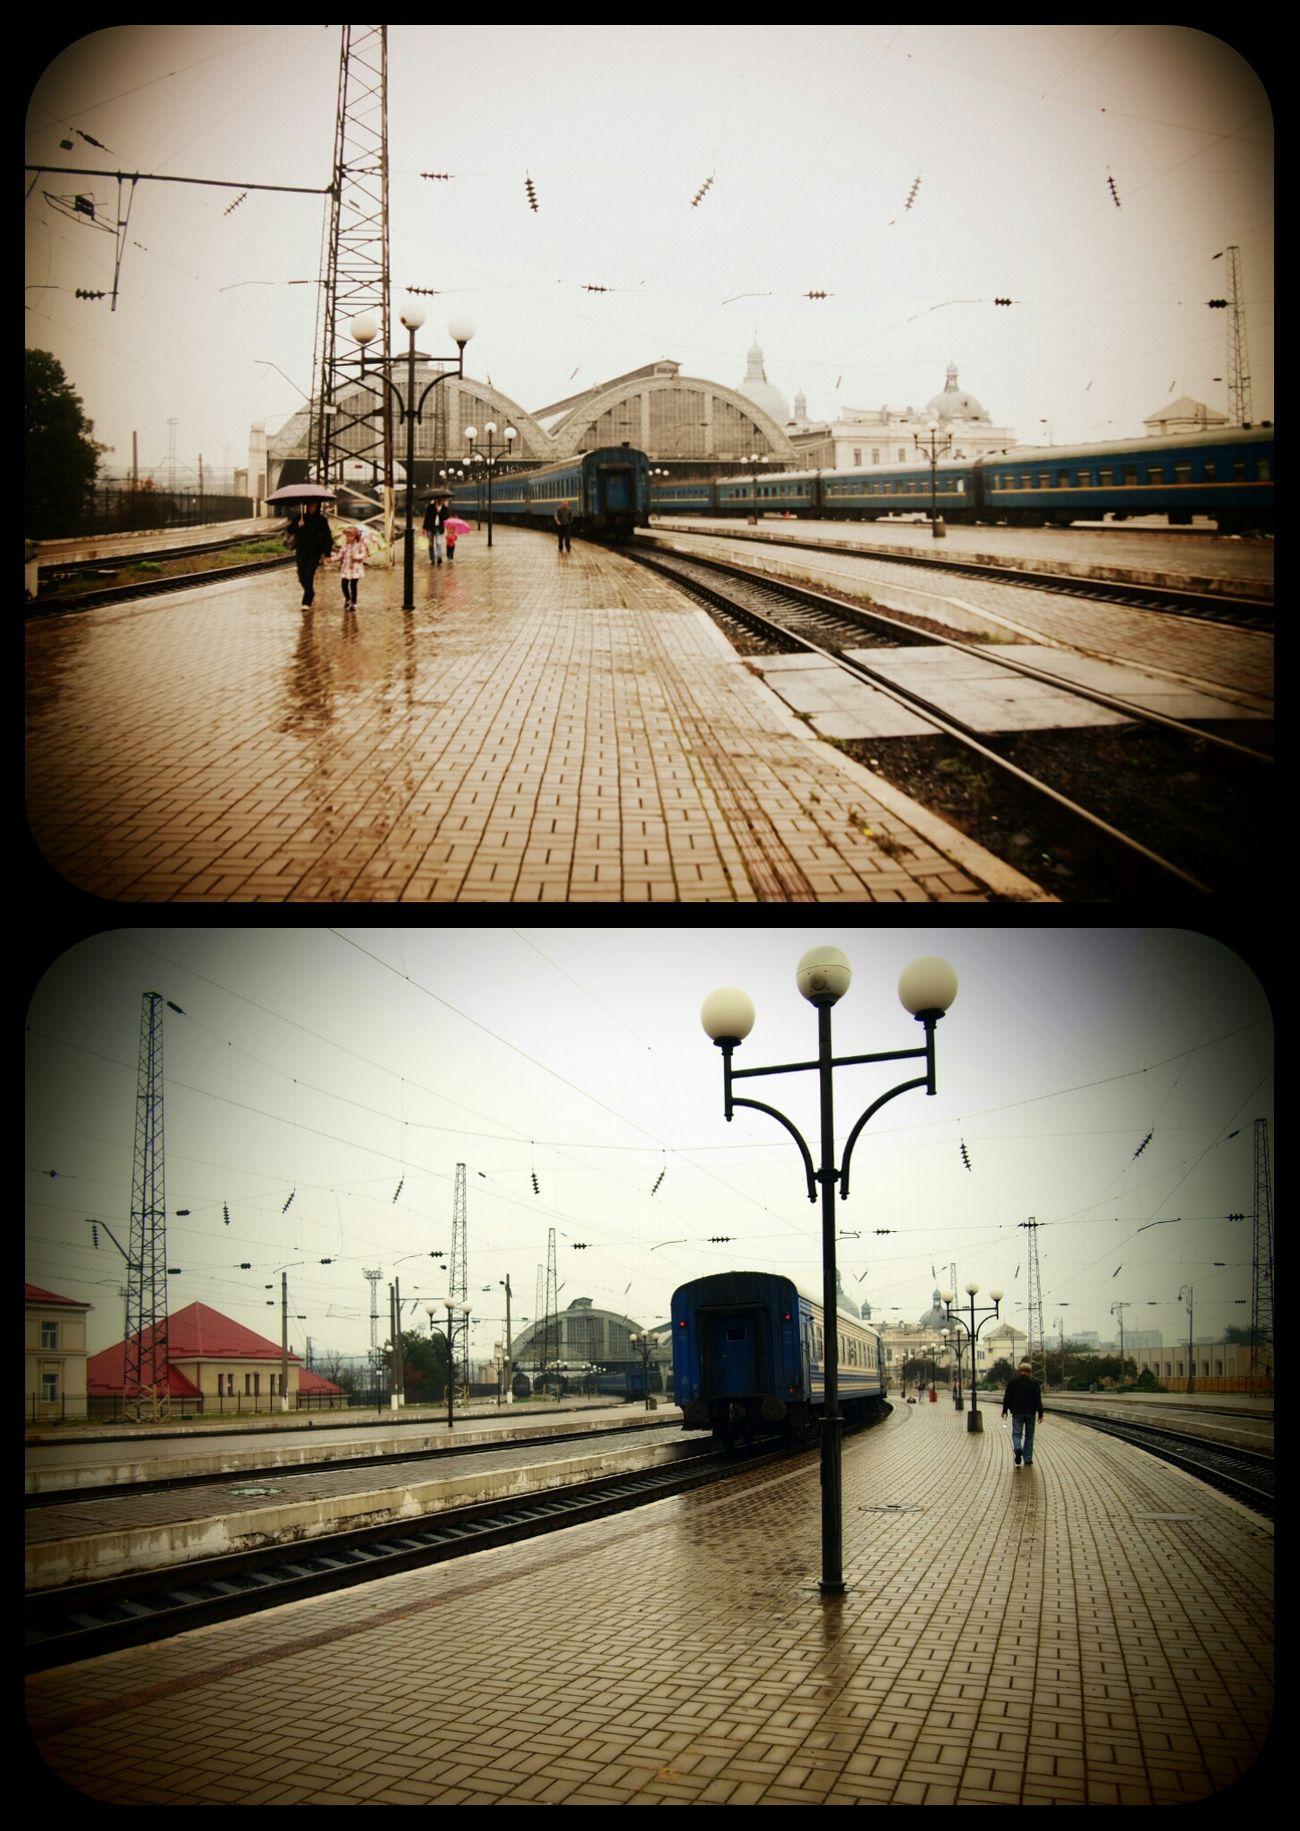 Railway Station Train Rain Lviv